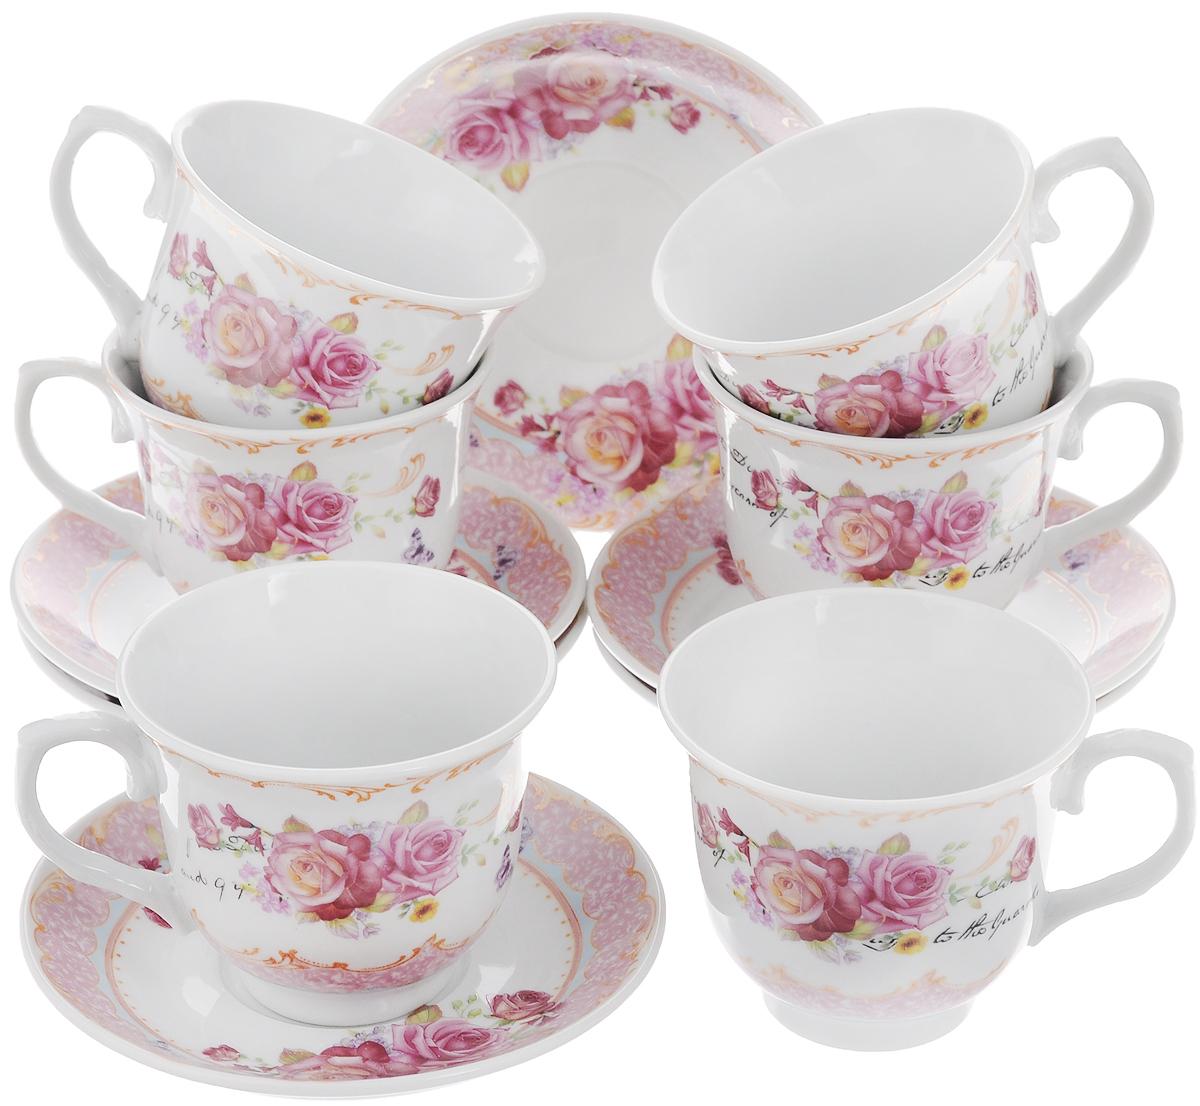 Набор чайный Loraine, 12 предметов. 2578128570100Чайный набор Loraine состоит из 6 чашек и 6 блюдец. Изделия выполнены из высококачественного костяного фарфора и оформлены цветочным рисунком. Такой набор дополнит сервировку стола к чаепитию. Благодаря изысканному дизайну и качеству исполнения он станет замечательным подарком для ваших друзей и близких. Набор упакован в подарочную коробку, задрапированную белой атласной тканью. Объем чашки: 220 мл. Диаметр чашки по верхнему краю: 9 см. Высота чашки: 7,5 см. Диаметр блюдца: 13,5 см.Высота блюдца: 2,2 см.